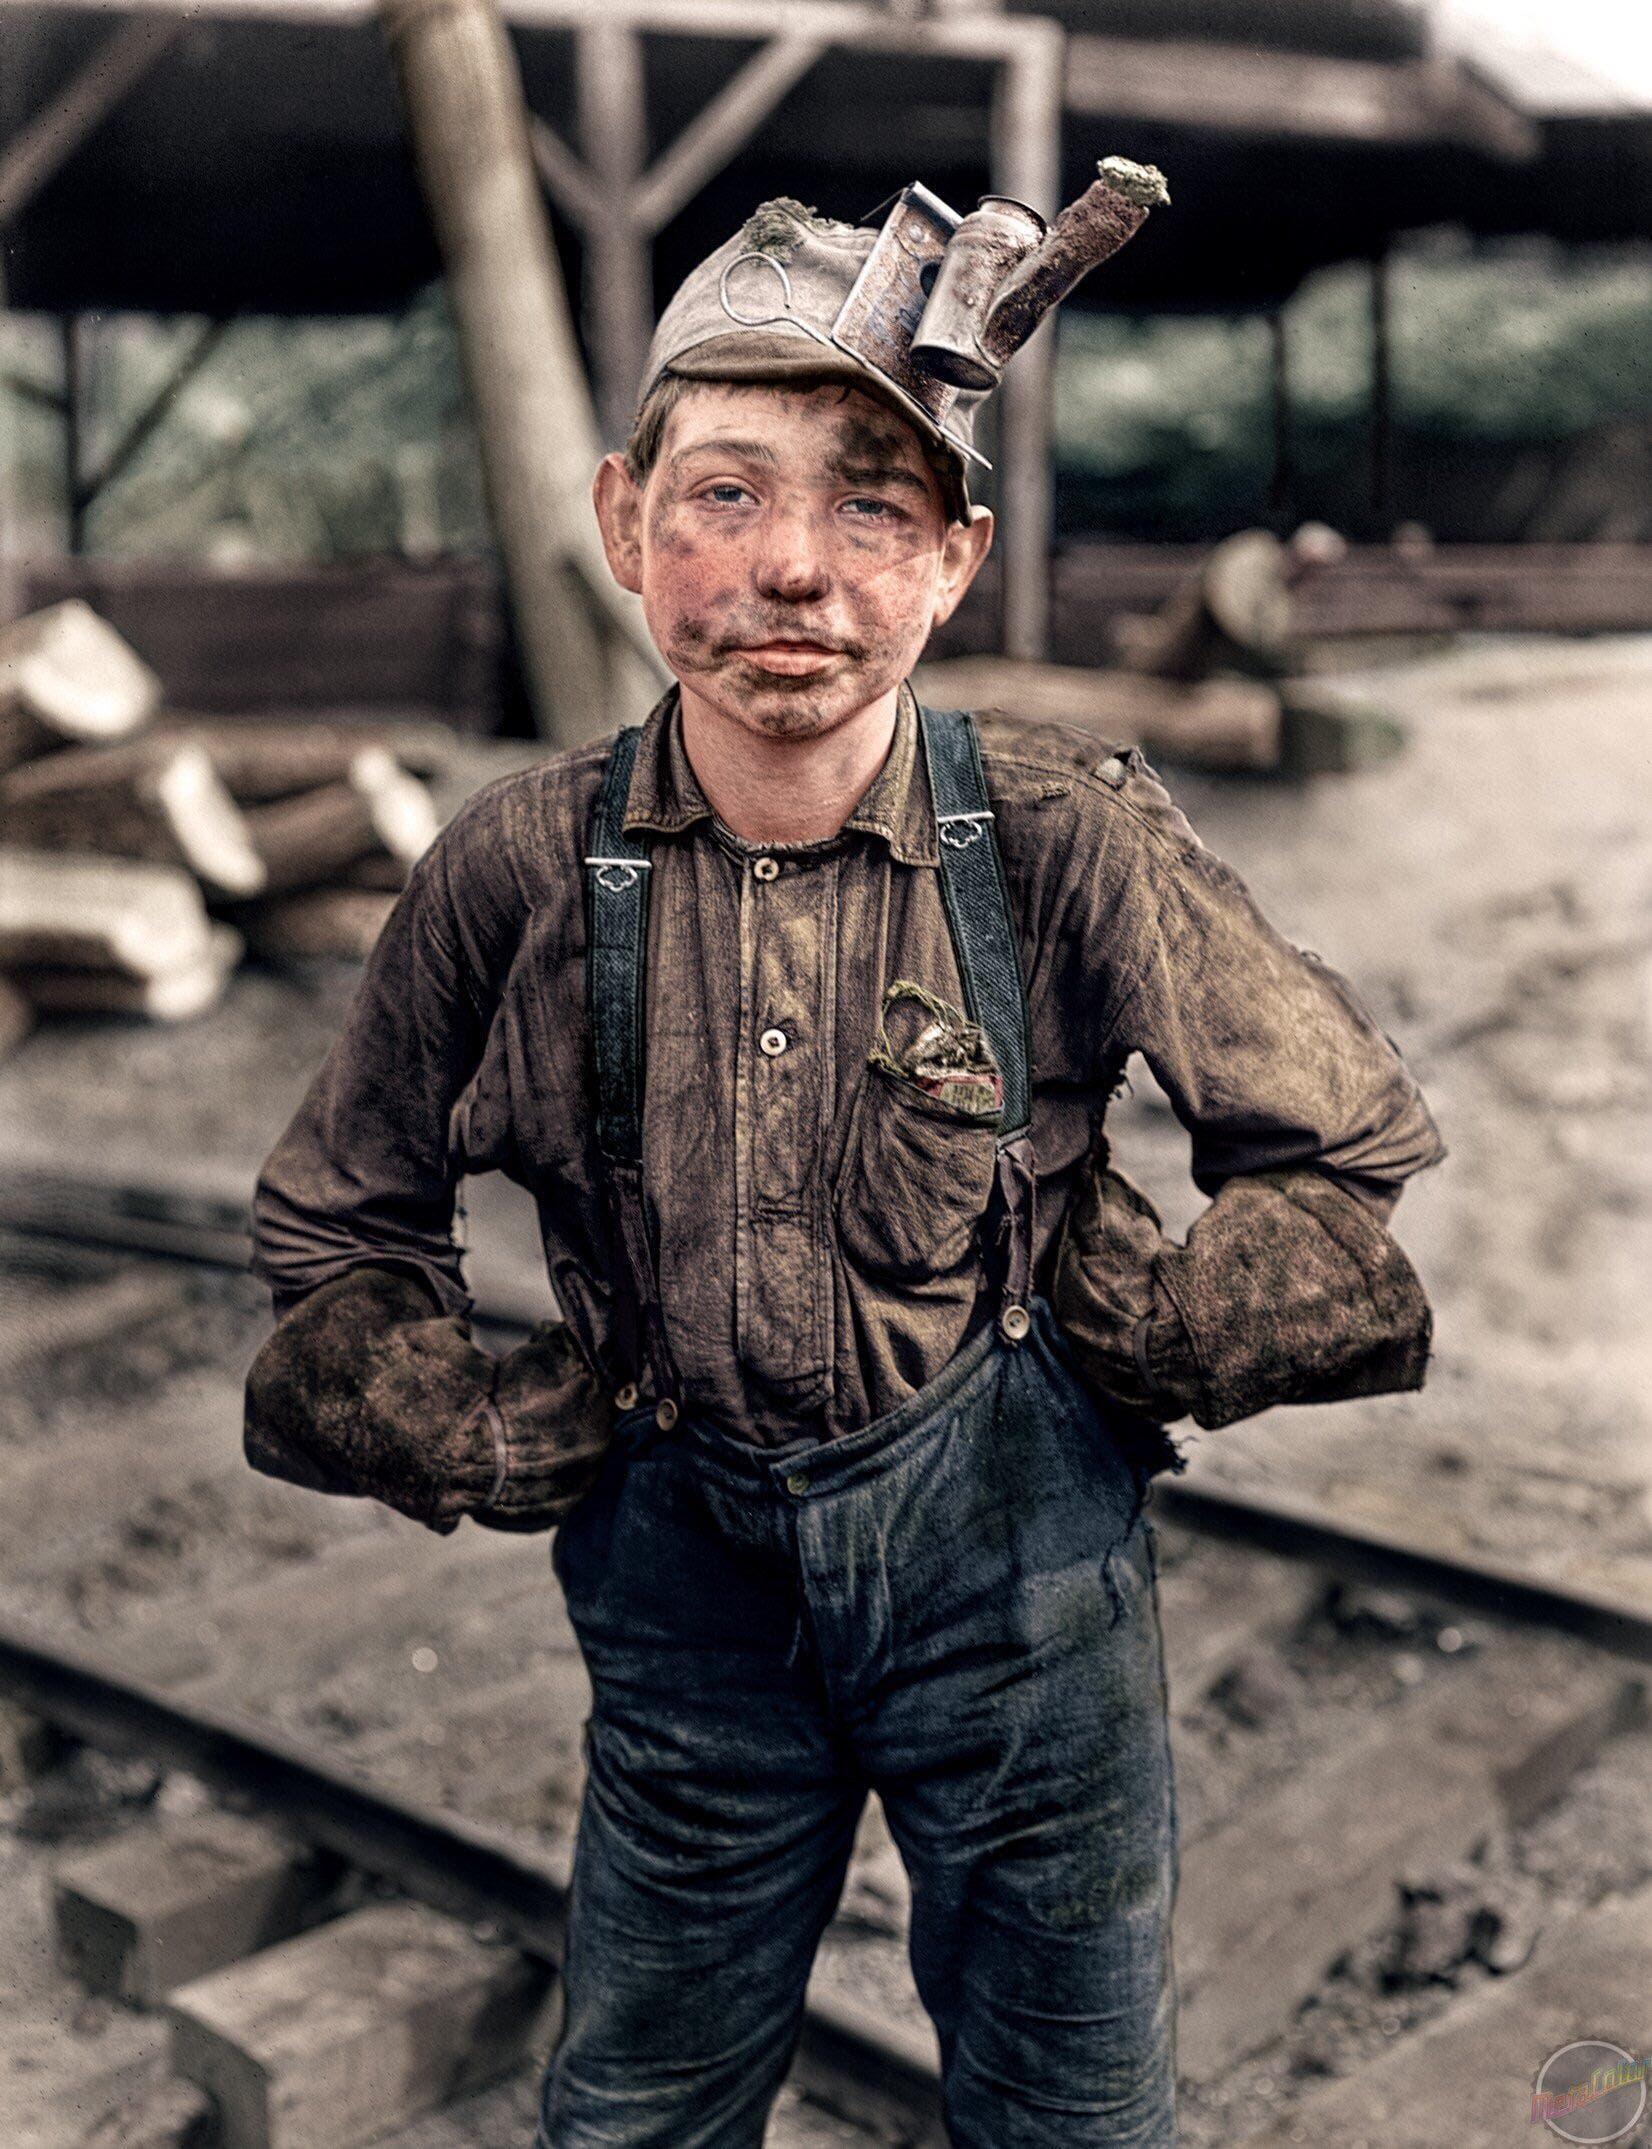 صورة ملونة اعتماداً على التقنيات الحديثة لأحد أطفال المناجم